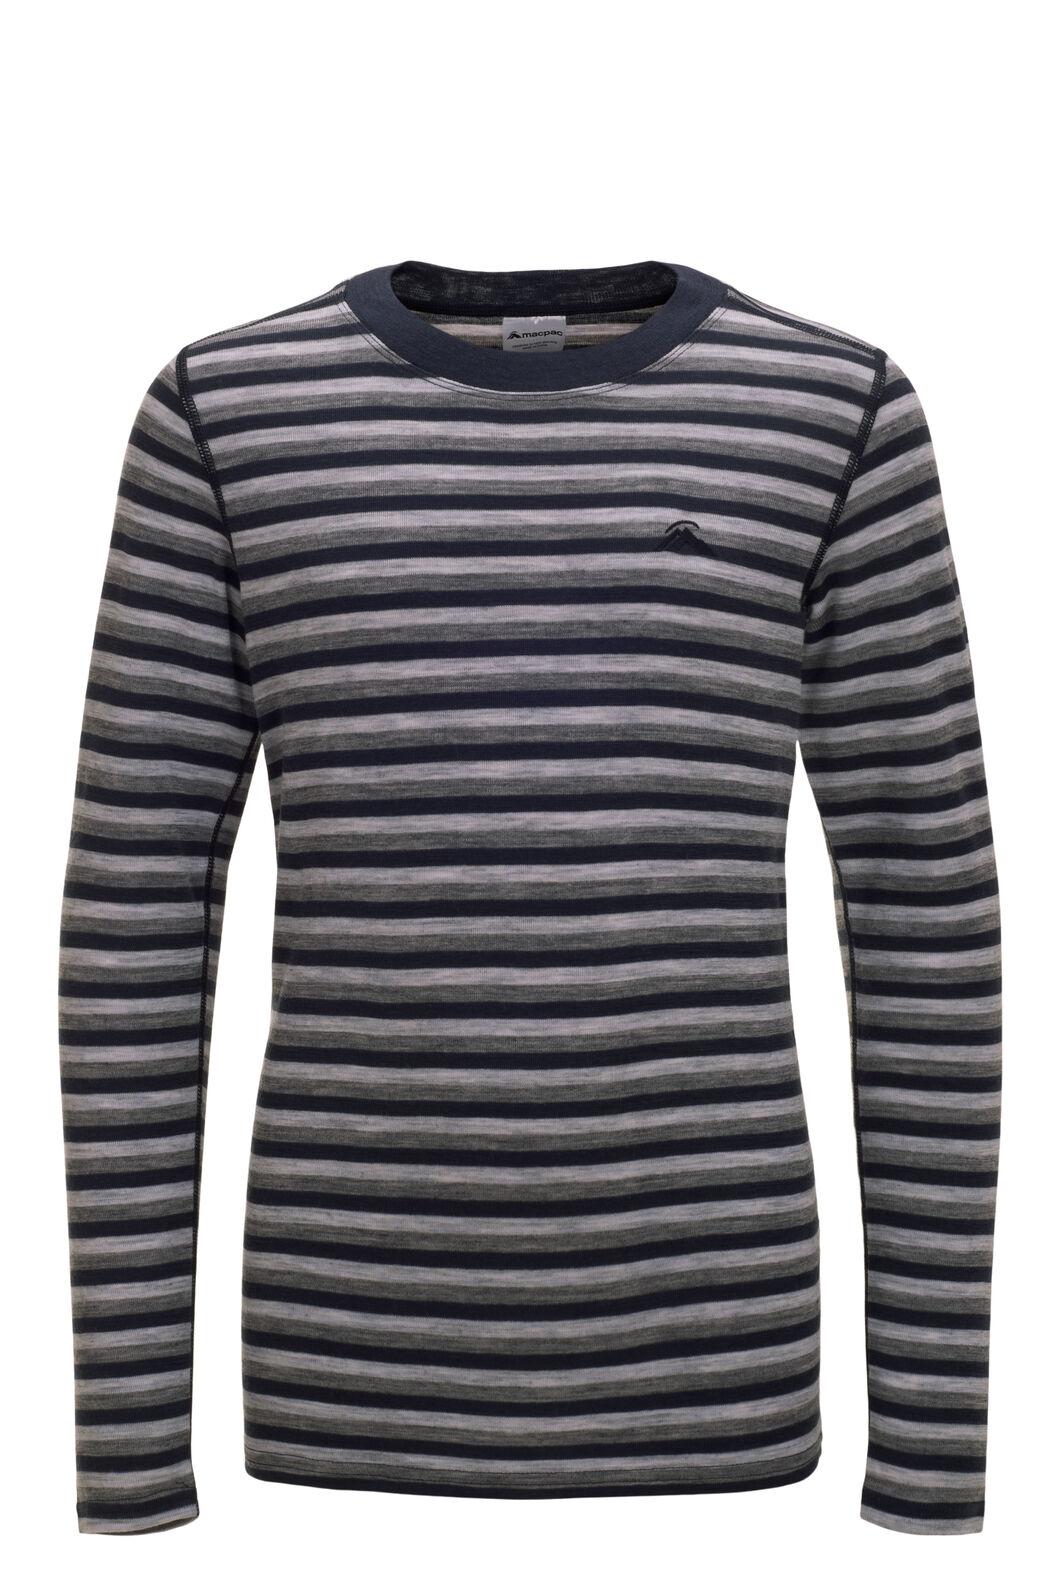 Macpac Kids' 220 Merino Long Sleeve Top, Grey/Navy Stripe, hi-res